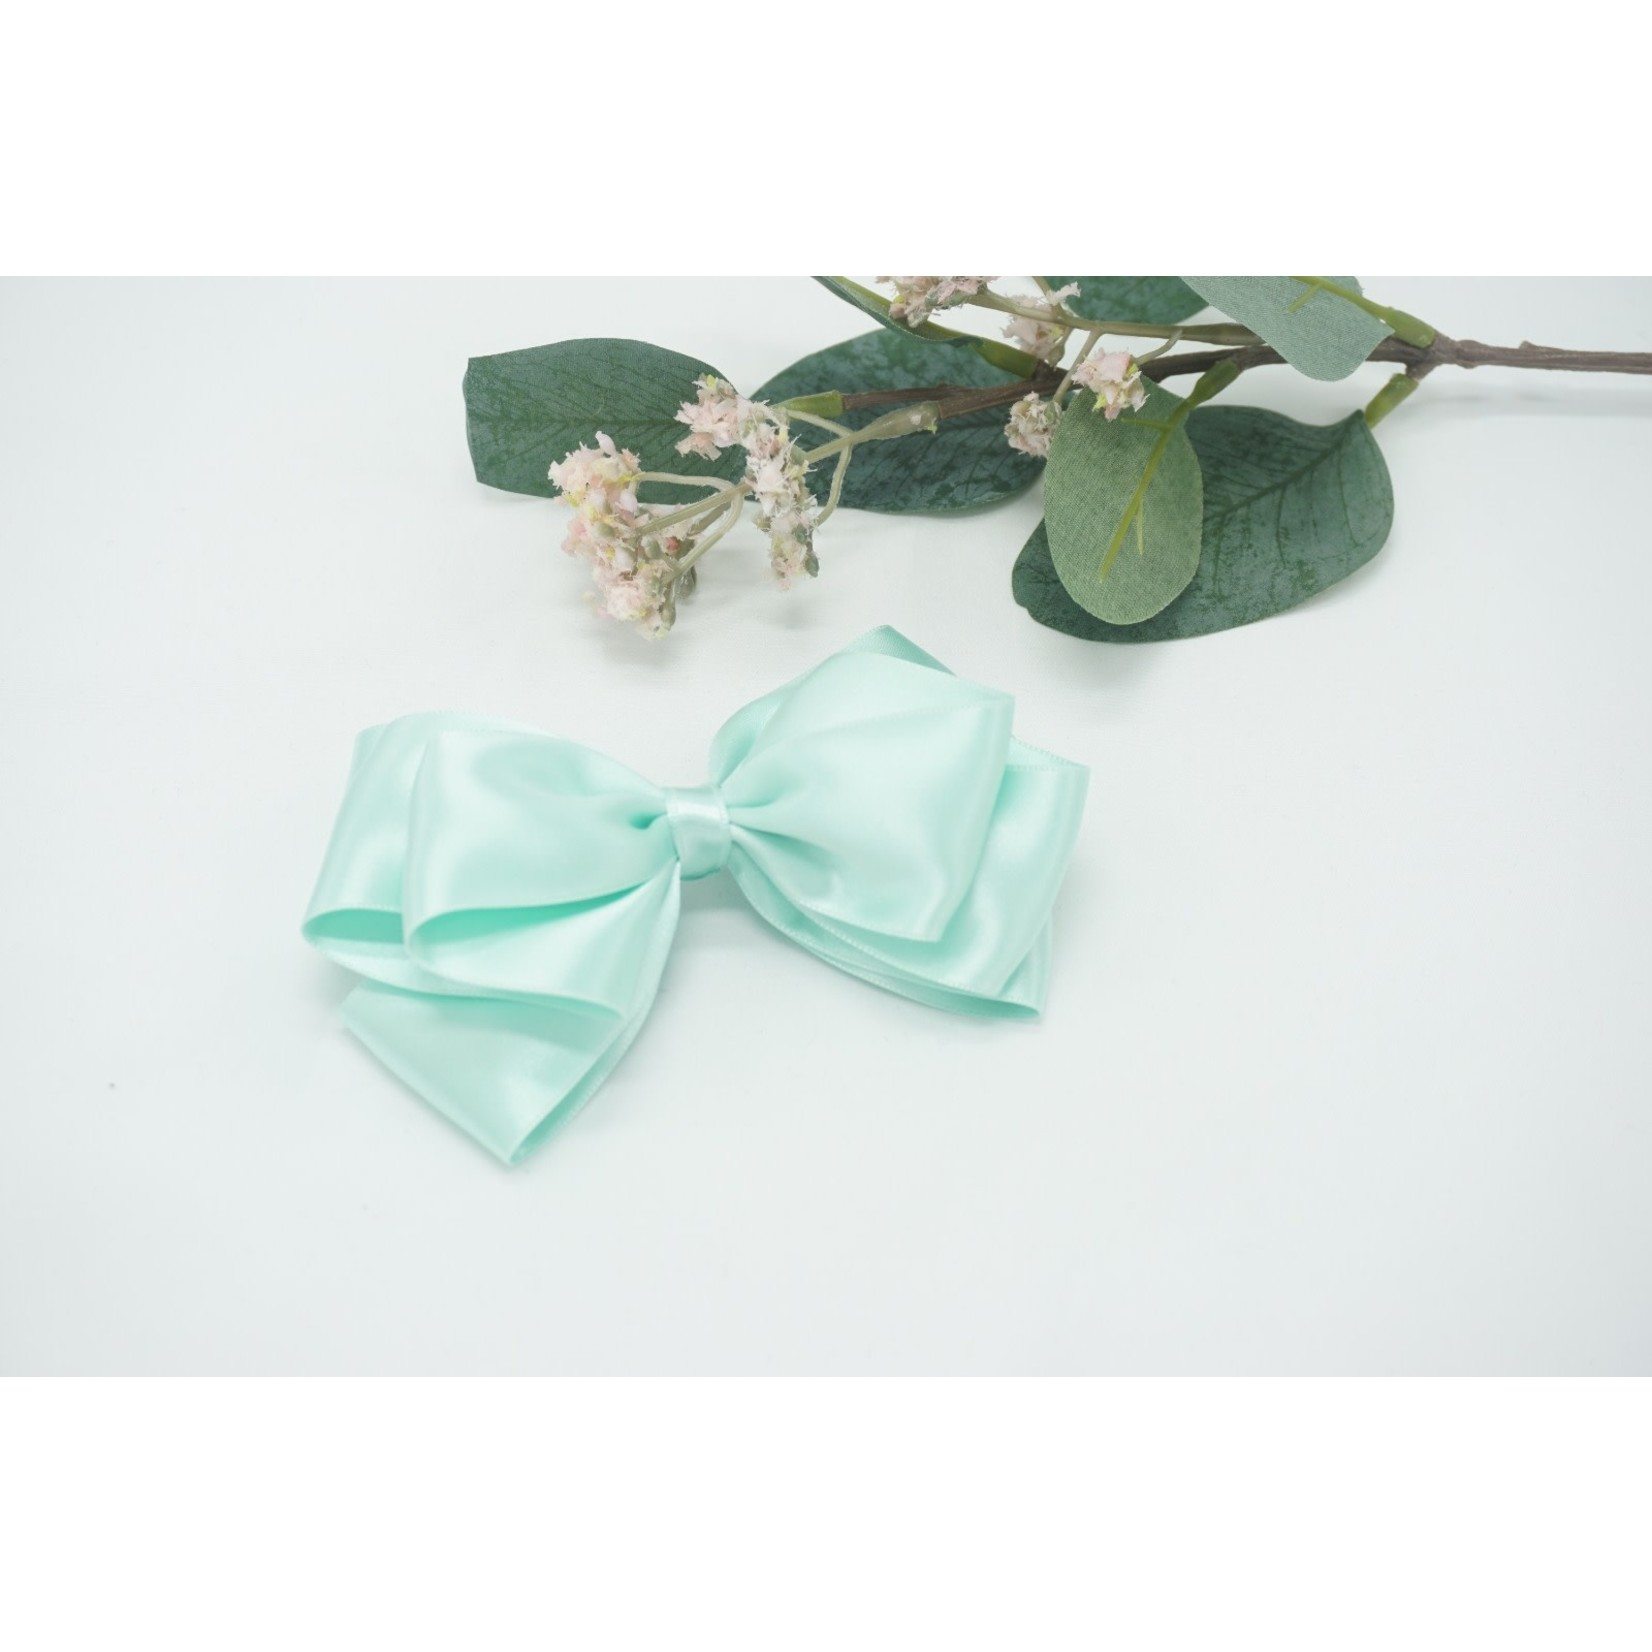 Petite Zara Butterfly Bow - Jade Green 12cm